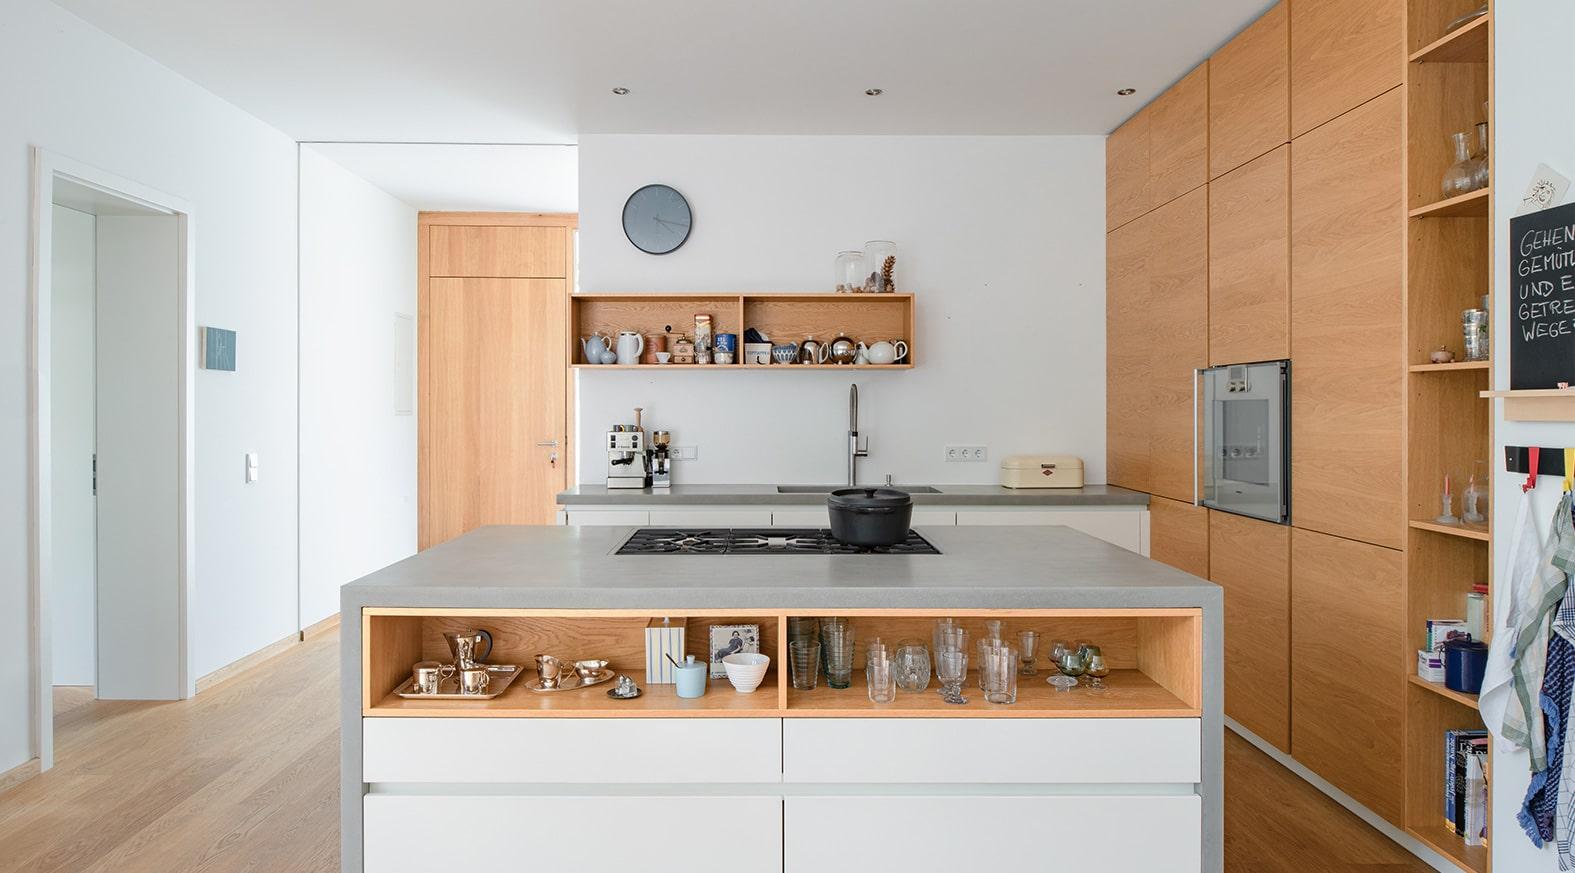 Küchendesign von VOIT in Eiche Natur mit weißen Mattlack Fronten und Edelstahl - Weiß graue Fronten und Beton Arbeitsplatte